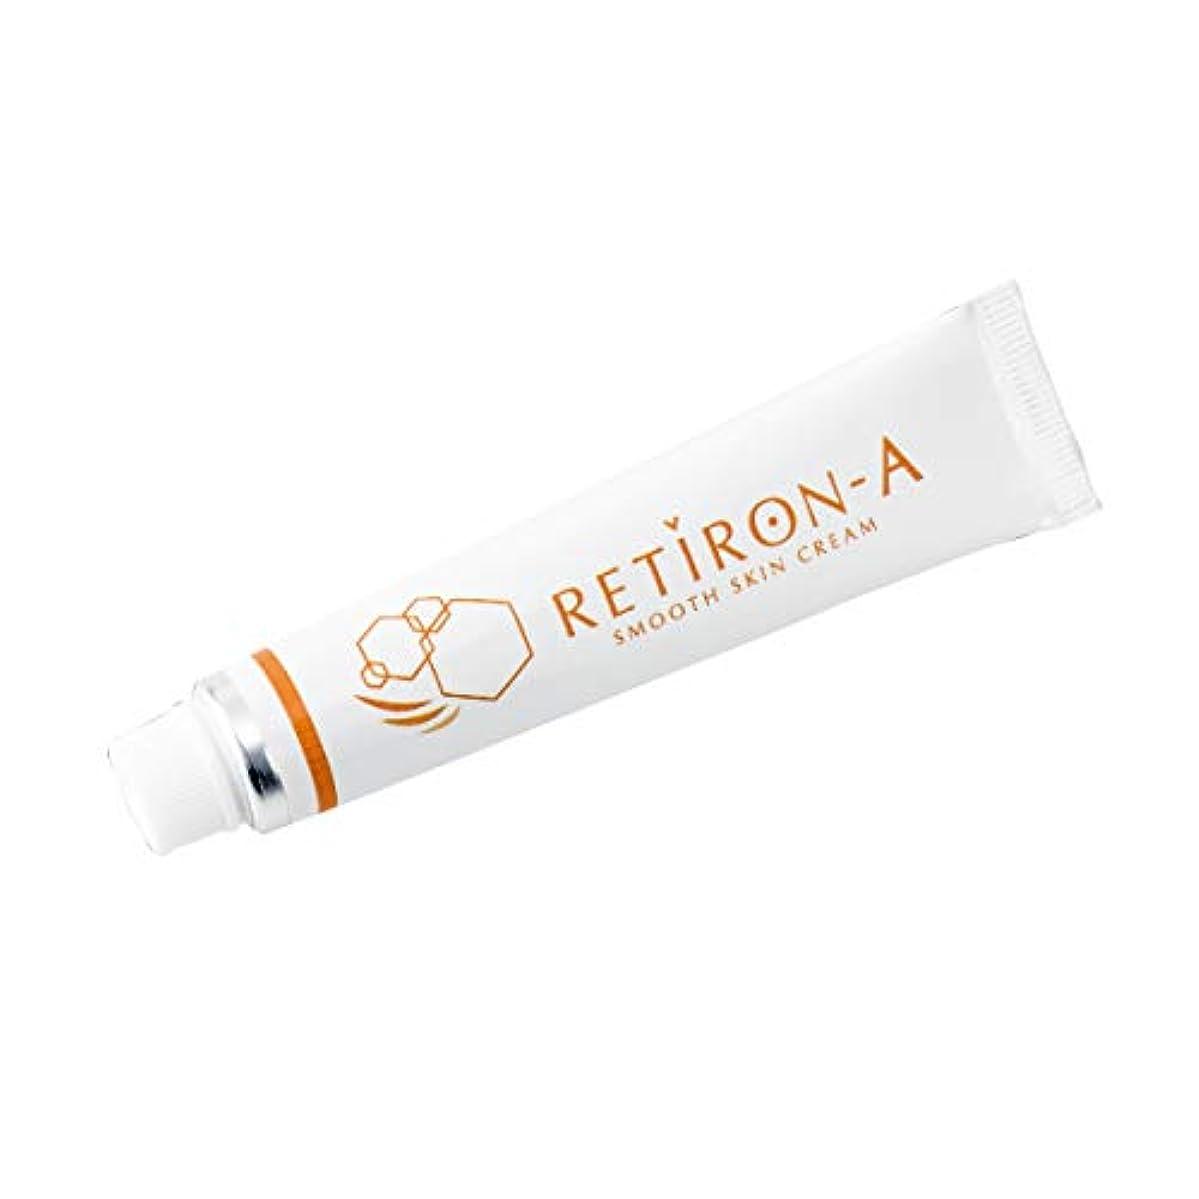 抗議既婚ノーブルクリーム 化粧品 レチノール配合 レチロンA パラベンフリー